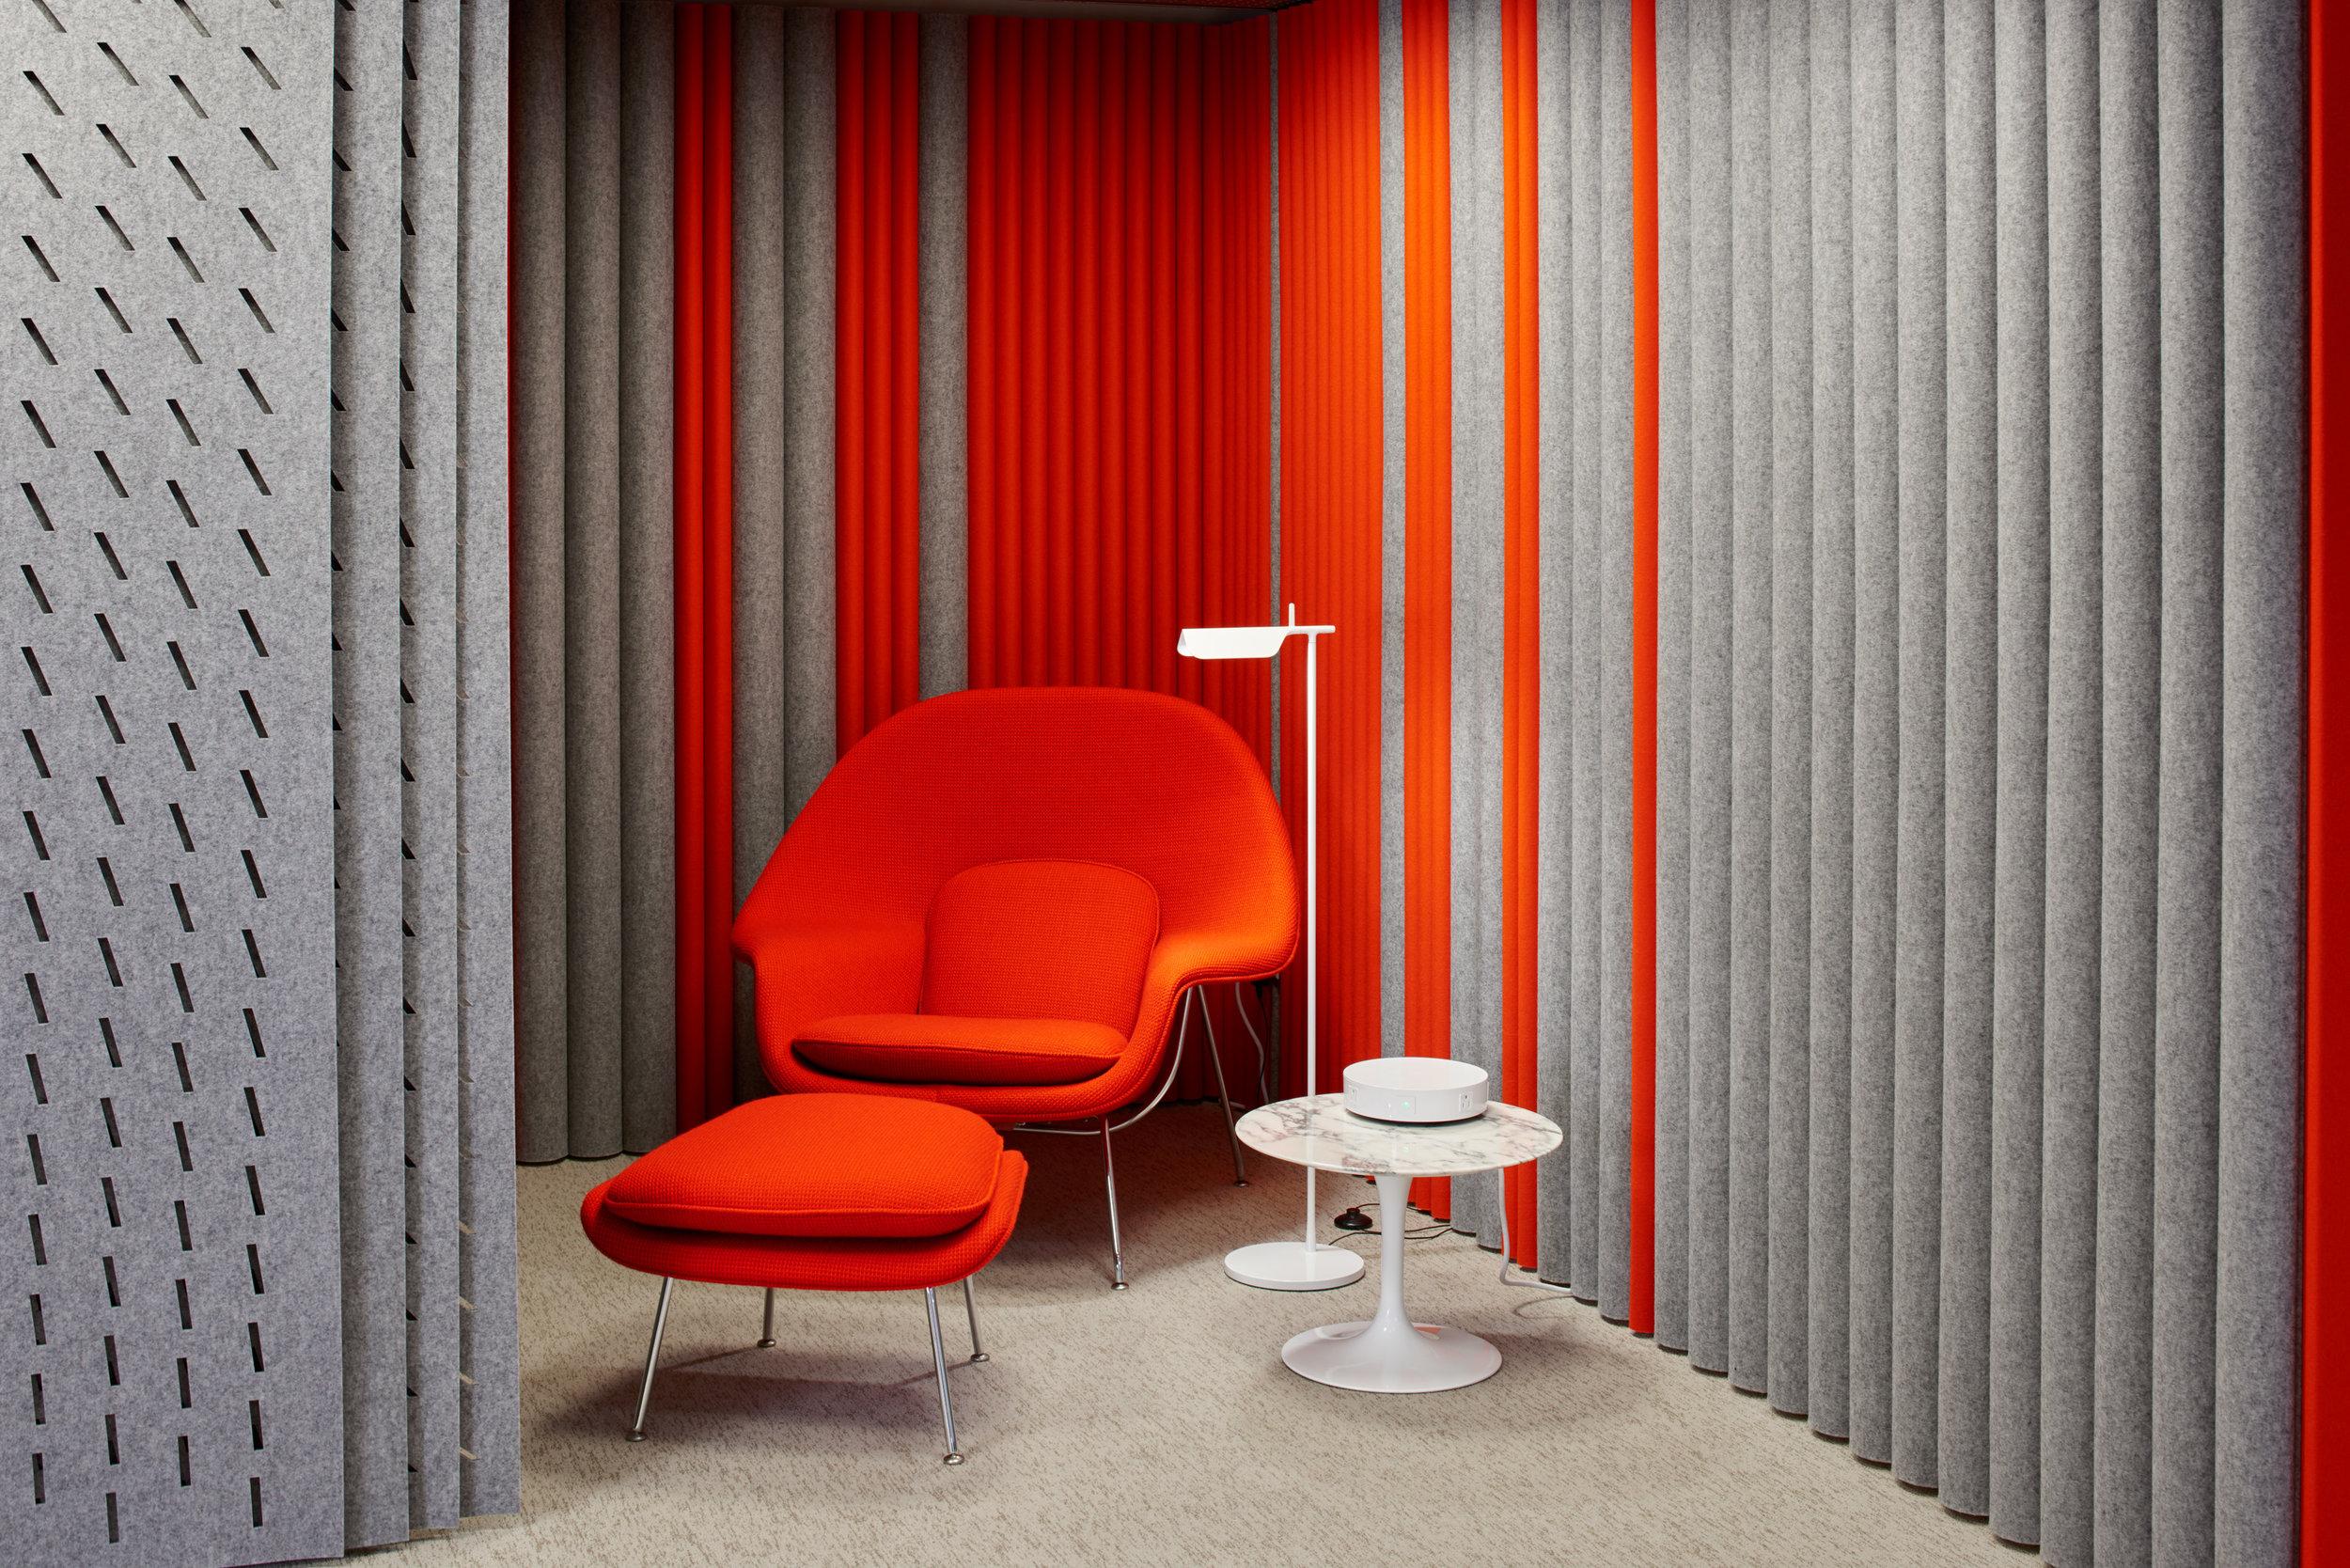 $$ - Saarinen Womb Chair